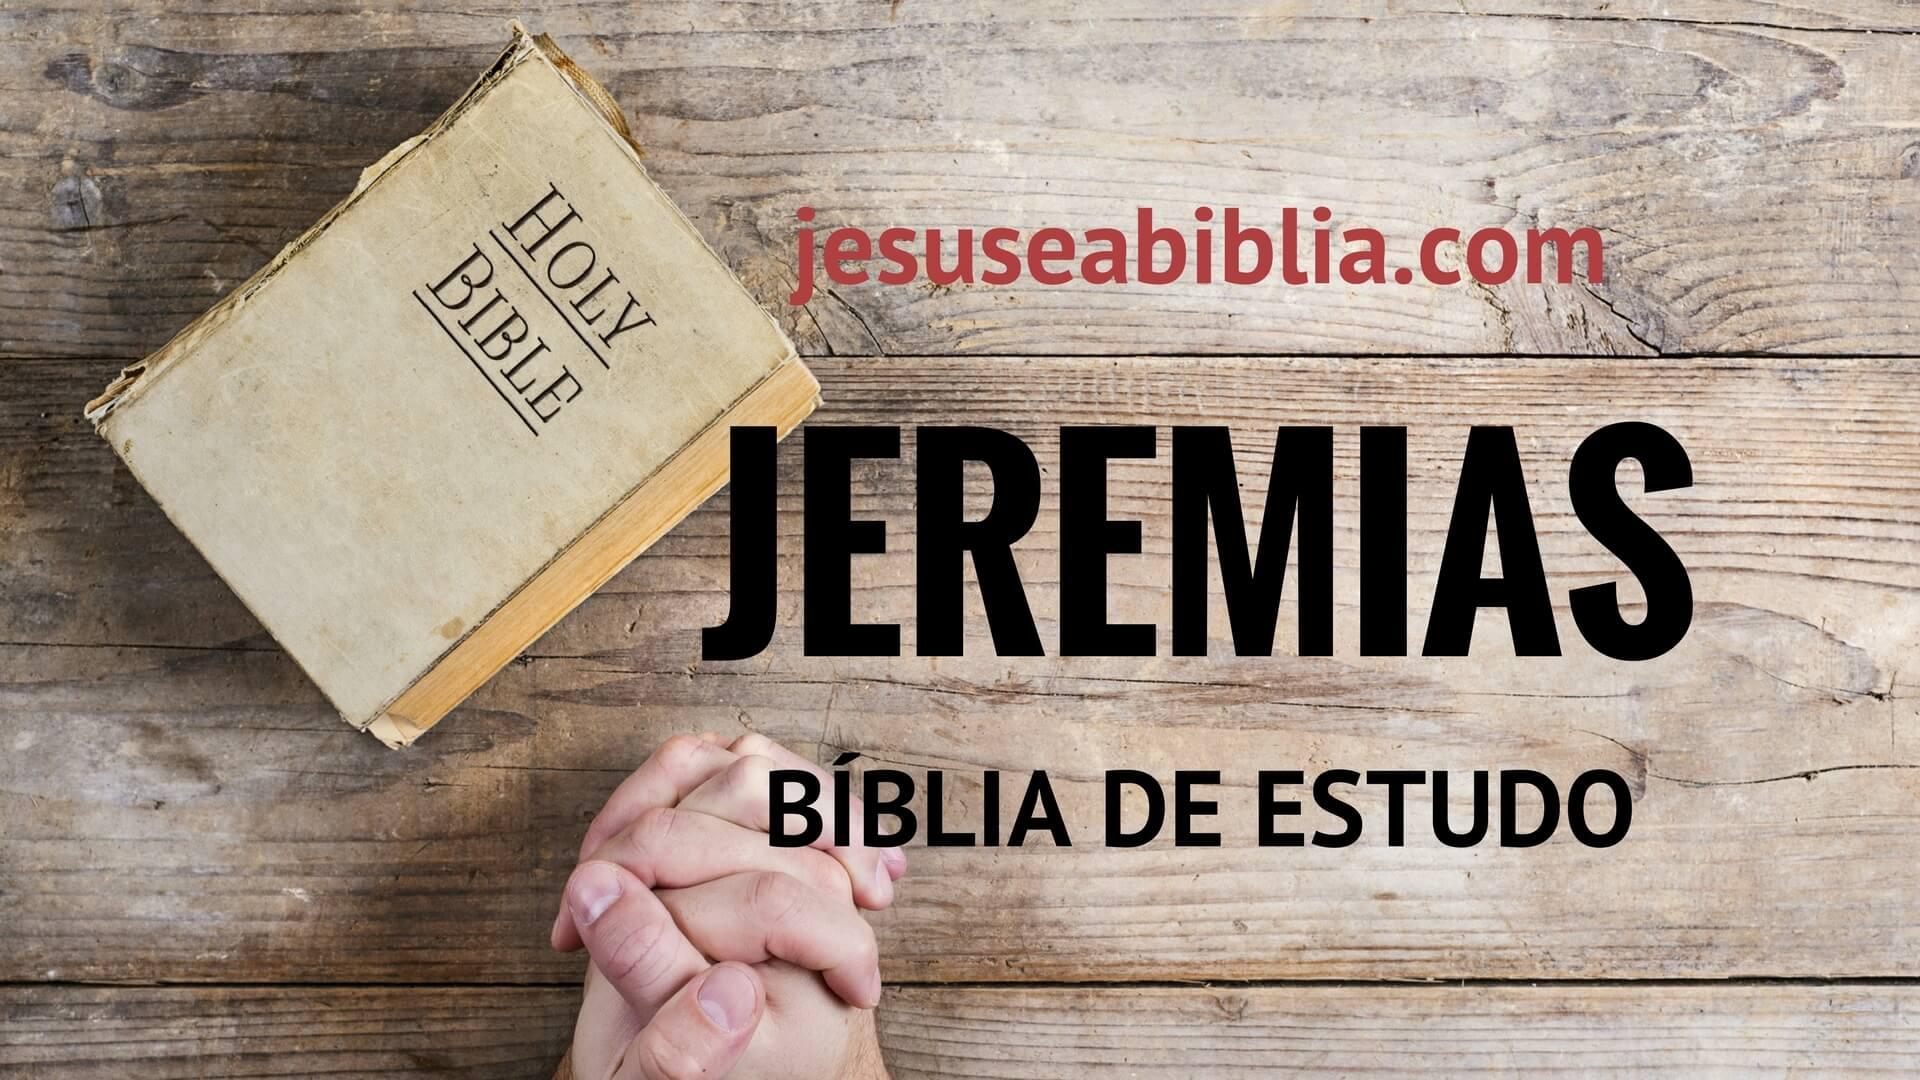 Jeremias - Bíblia de Estudo Online